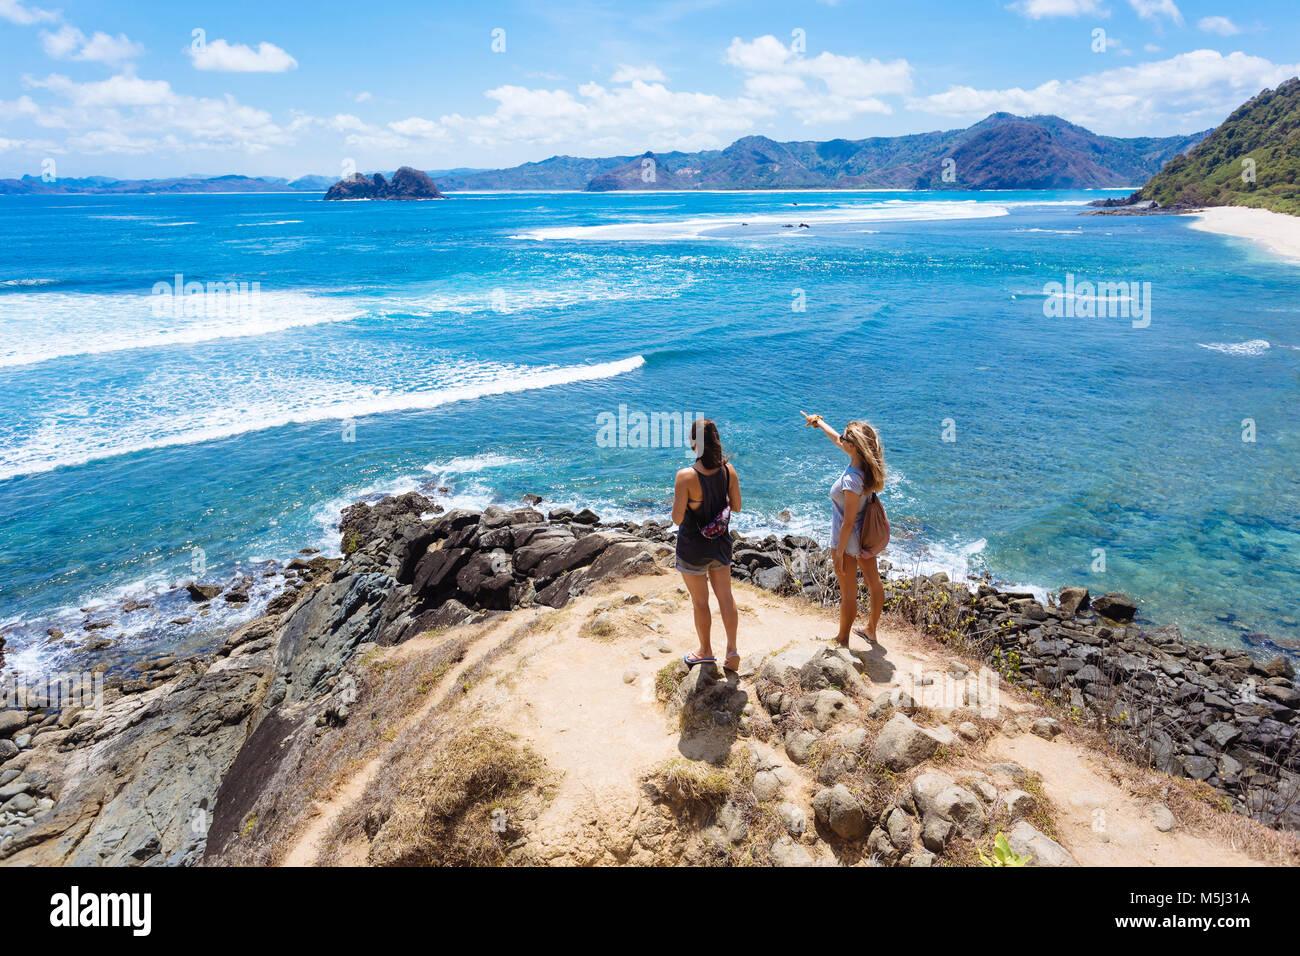 Indonesia, Lombok, due giovani donne a fascia costiera sull'oceano Foto Stock